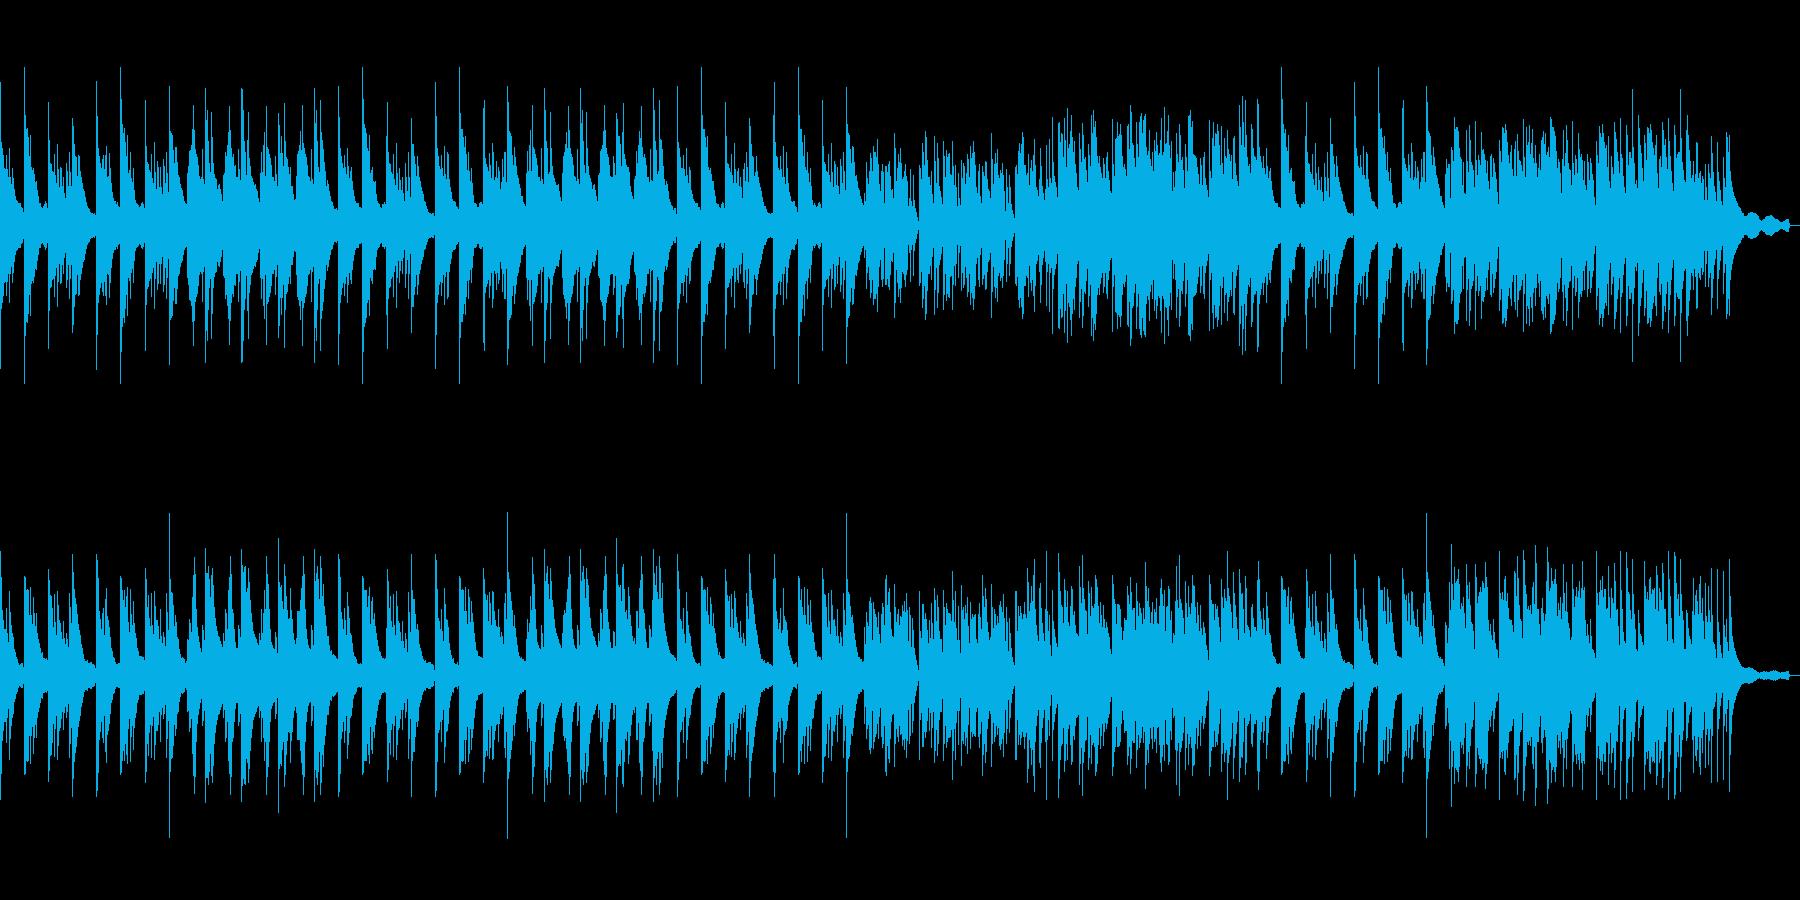 切ないピアノソロ曲の再生済みの波形